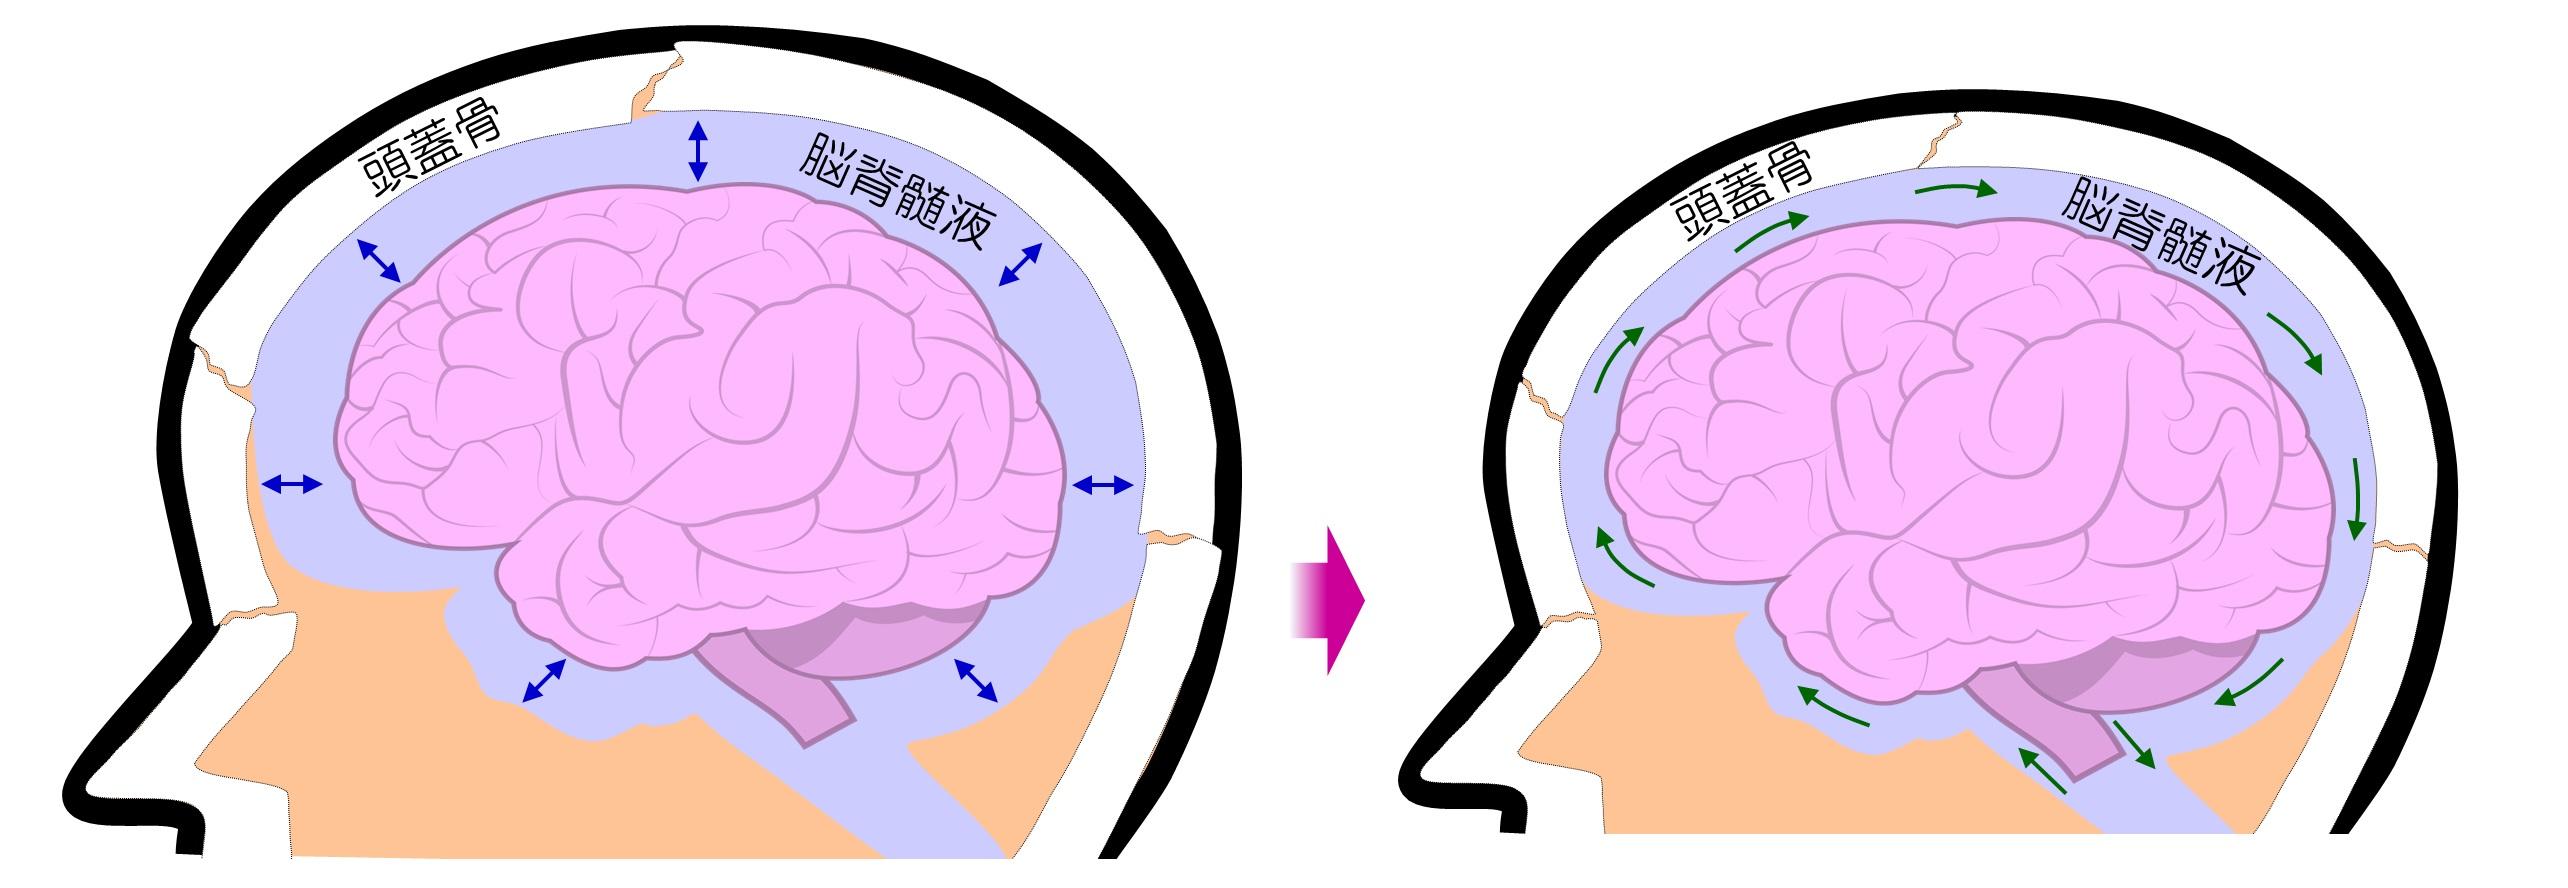 脳脊髄液の循環の促進により頭痛・首肩コリ・目のかすみなどを改善させるヘッドマッサージ! 小顔矯正 プリュムレーヴ